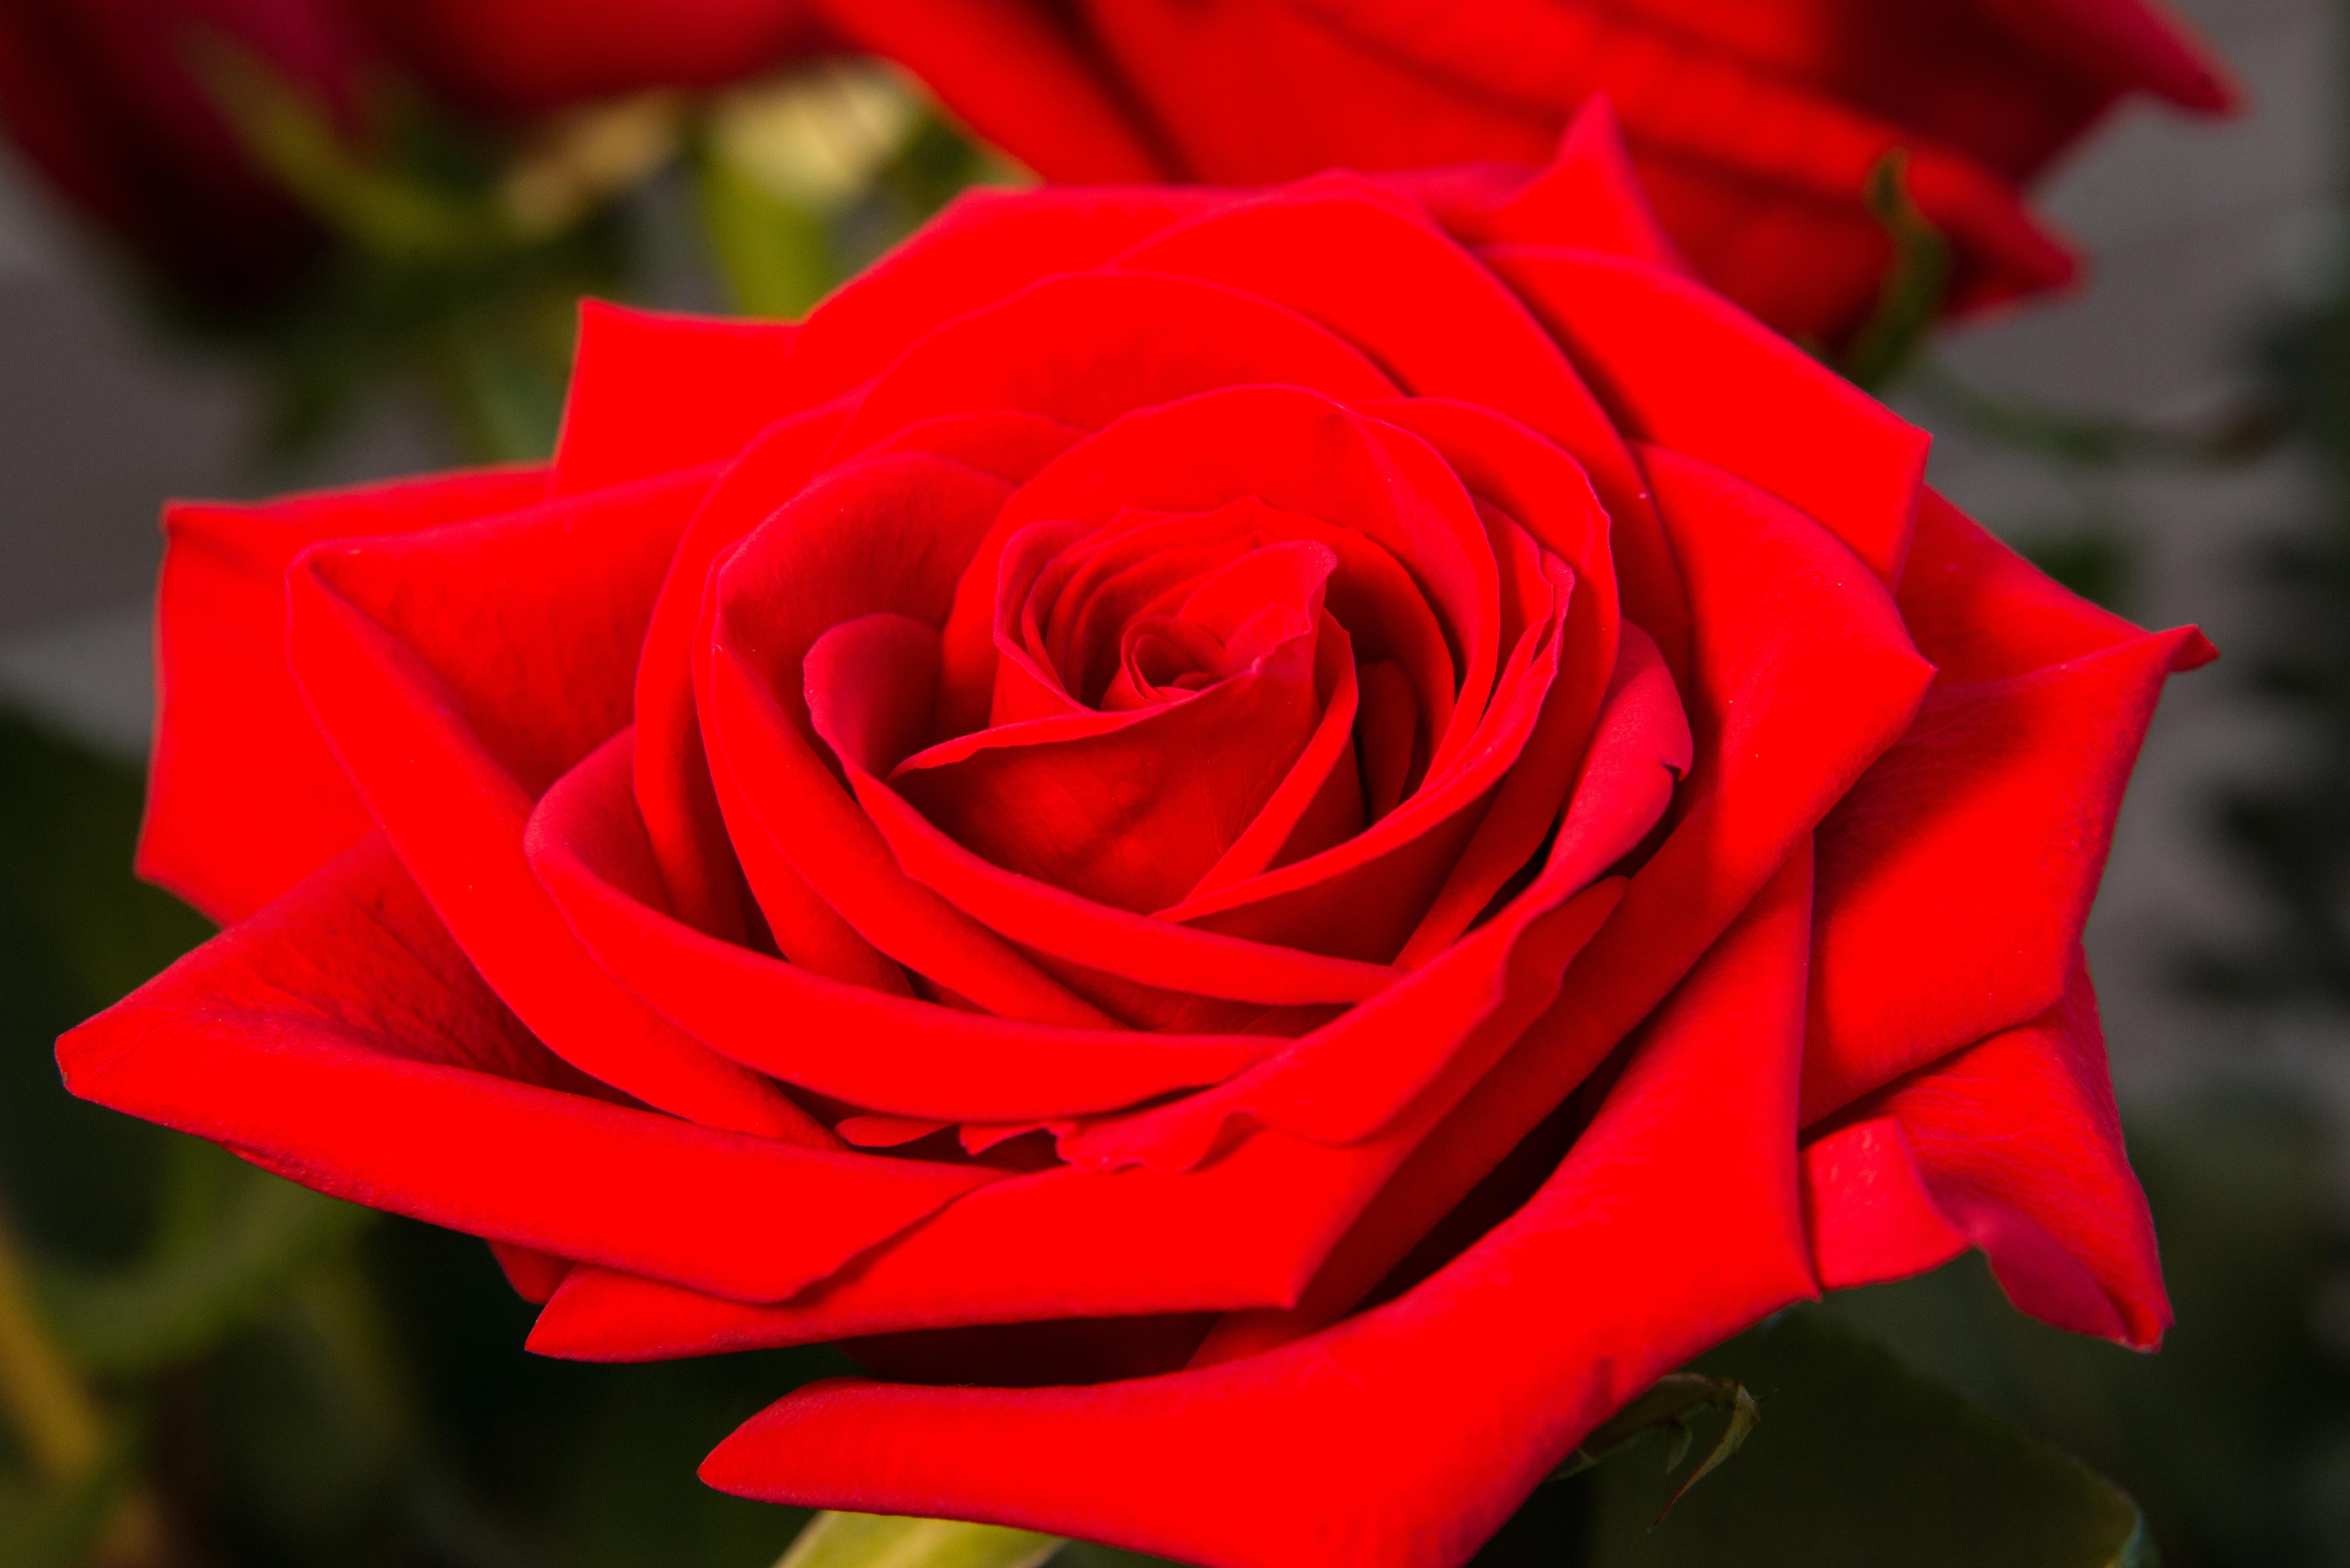 справочные картинка красный цветок большой рассказал источник близких